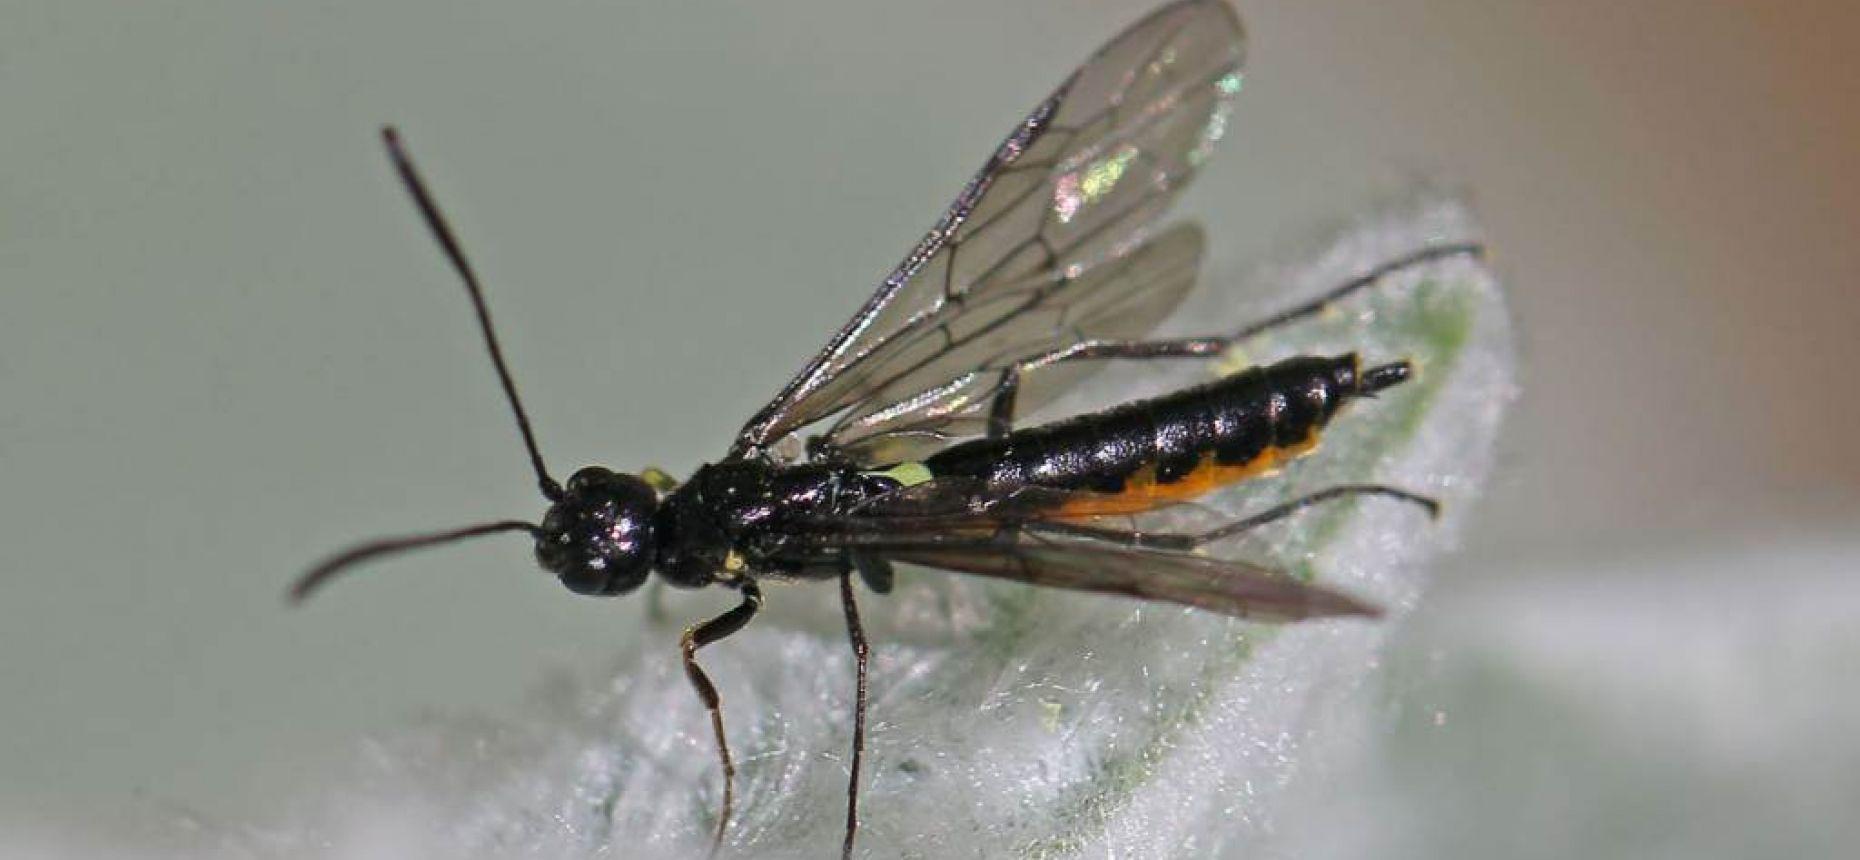 Хлебный черный пилильщик - Trachelus tabidus (F.)